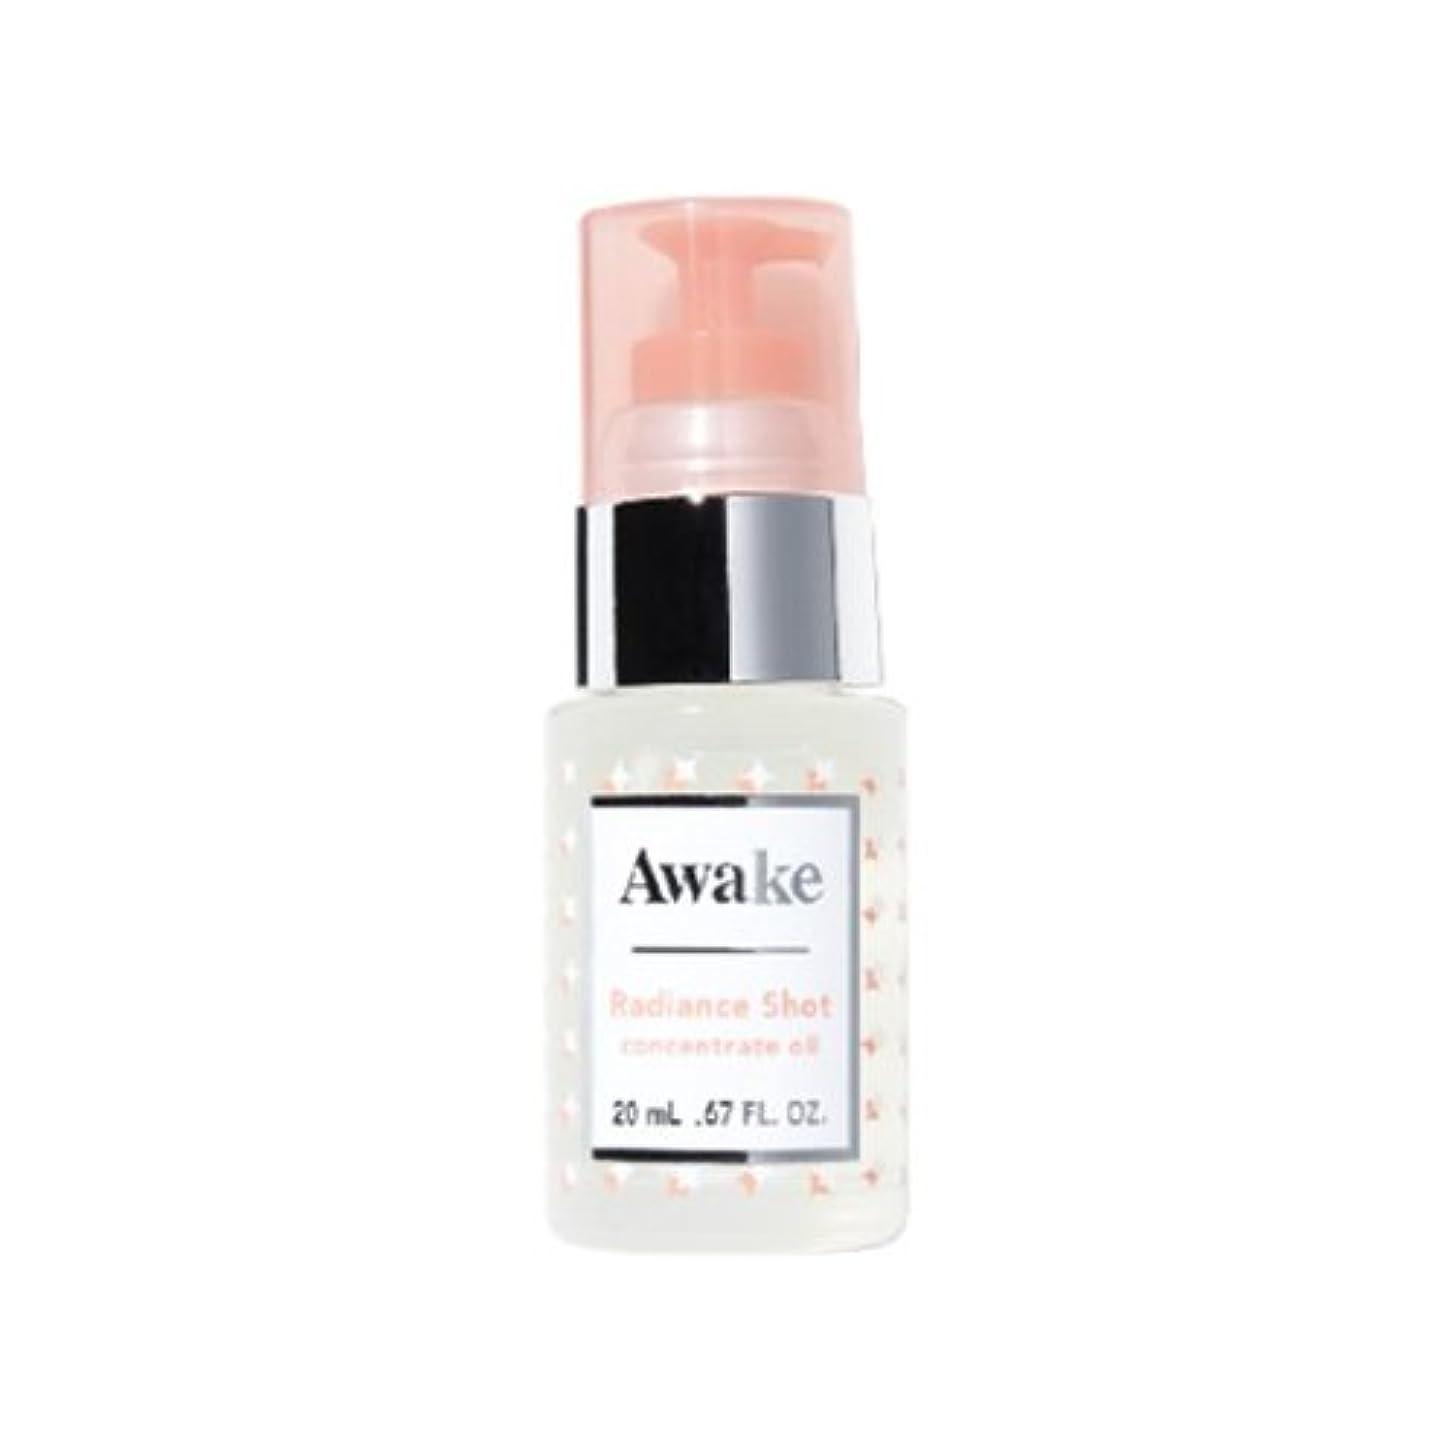 蚊達成受信機アウェイク(AWAKE) Awake(アウェイク) ラディアンスショット コンセントレイトオイル 〈美容オイル〉 (20mL)